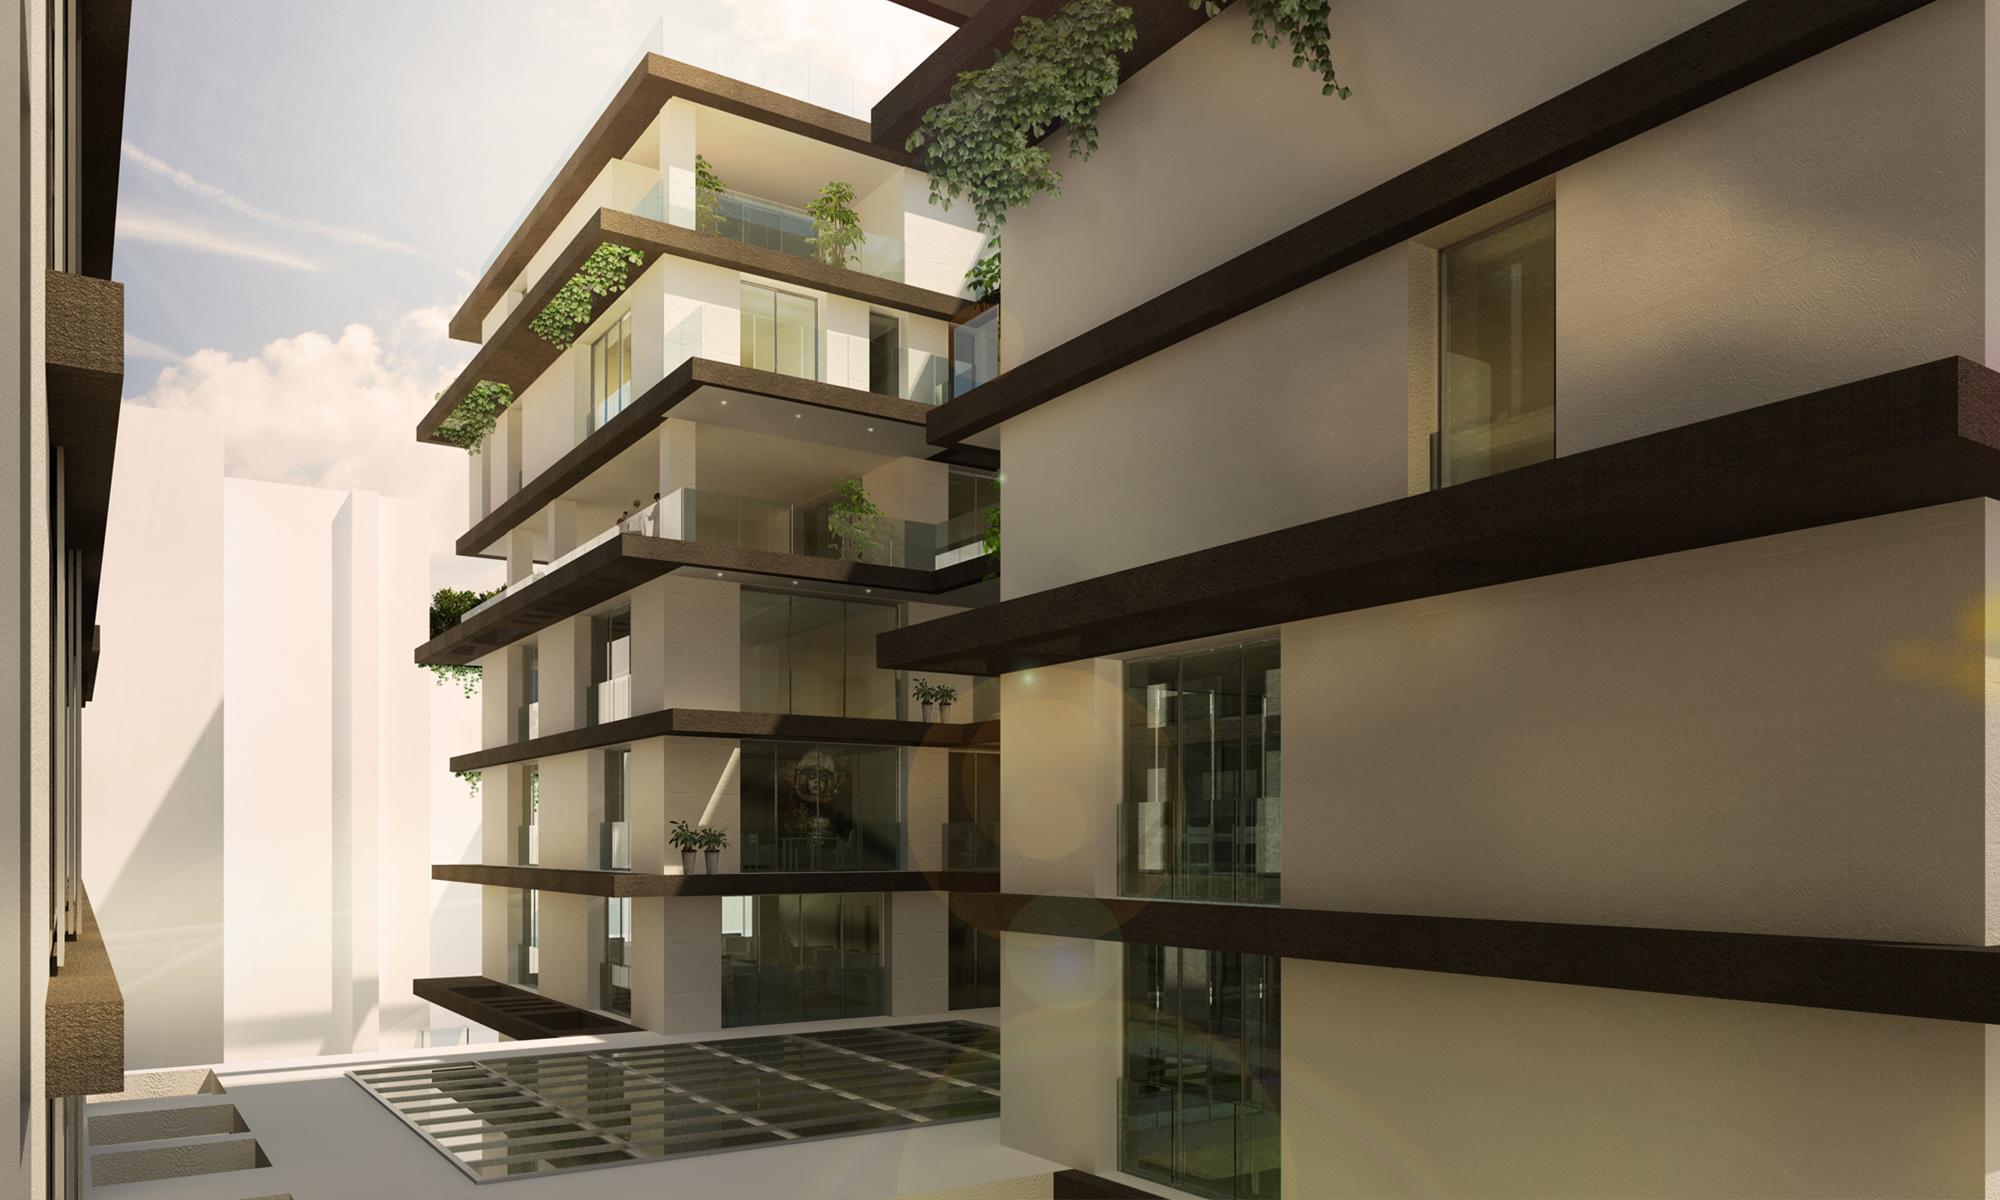 Architetto Alessia Becchi, Via Lamarmora, Milano, Binini Partners, Società di architettura e ingegneria, Reggio Emilia, Italia